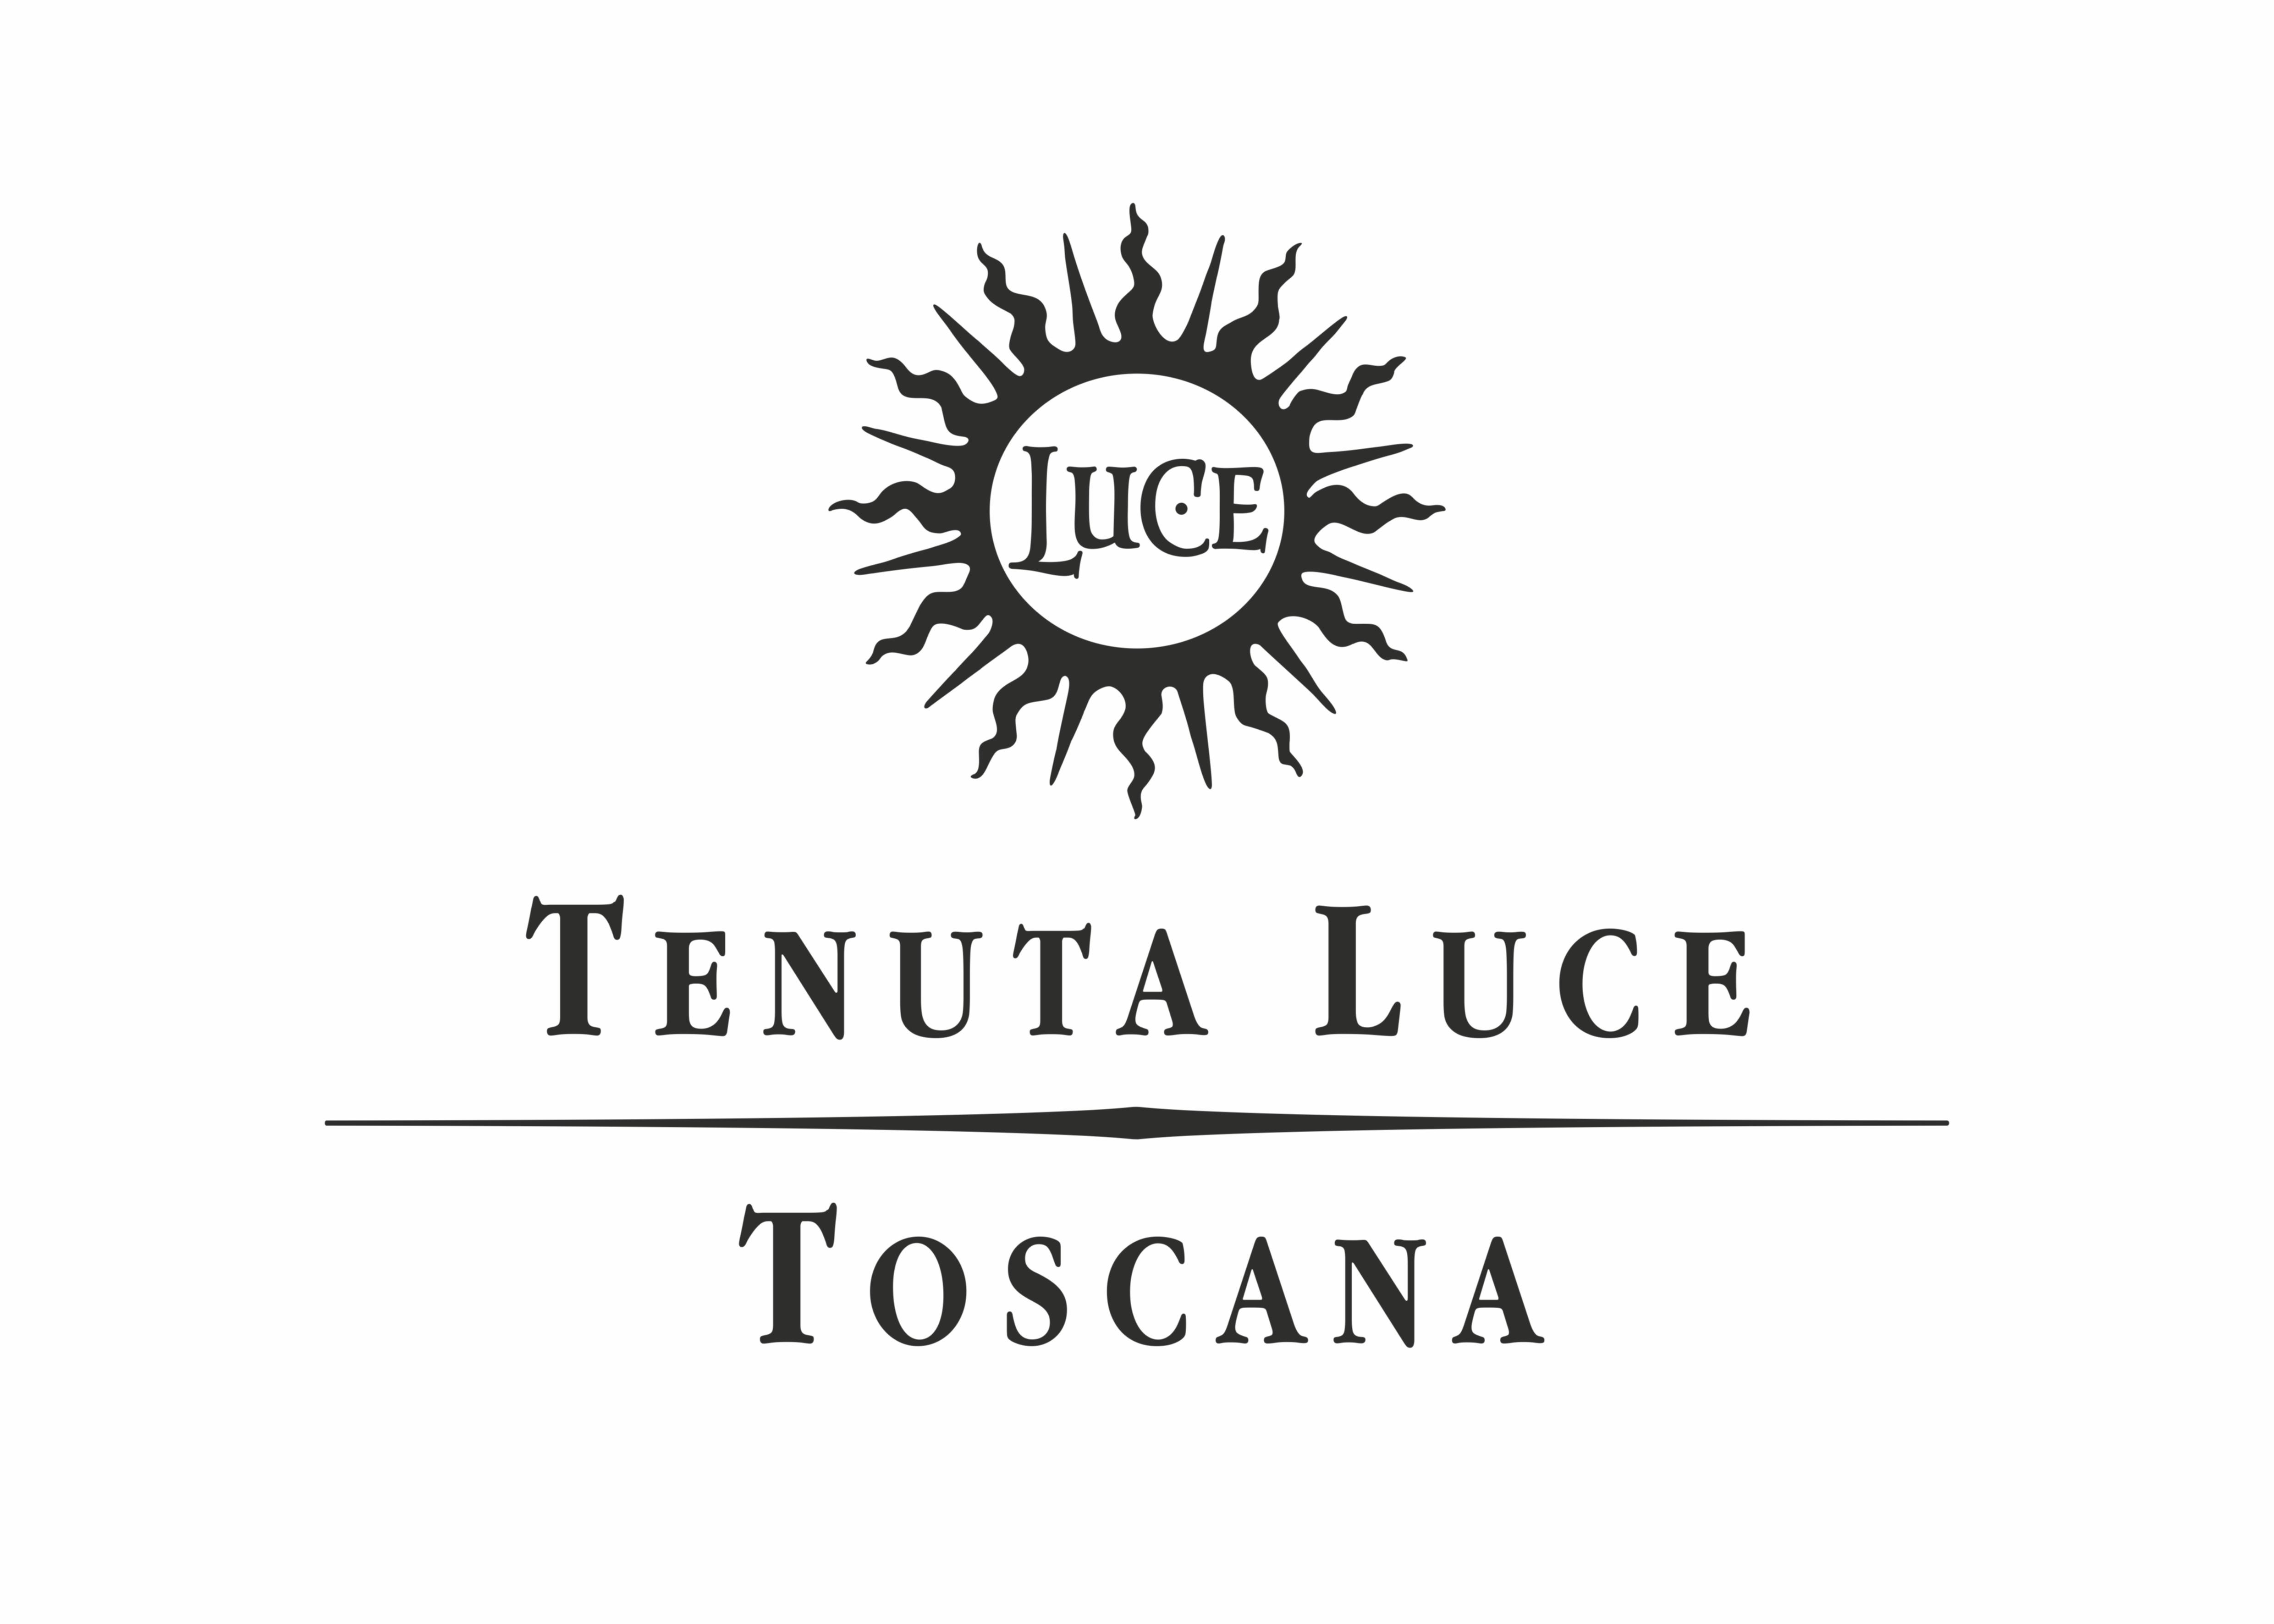 Tenuta Luce